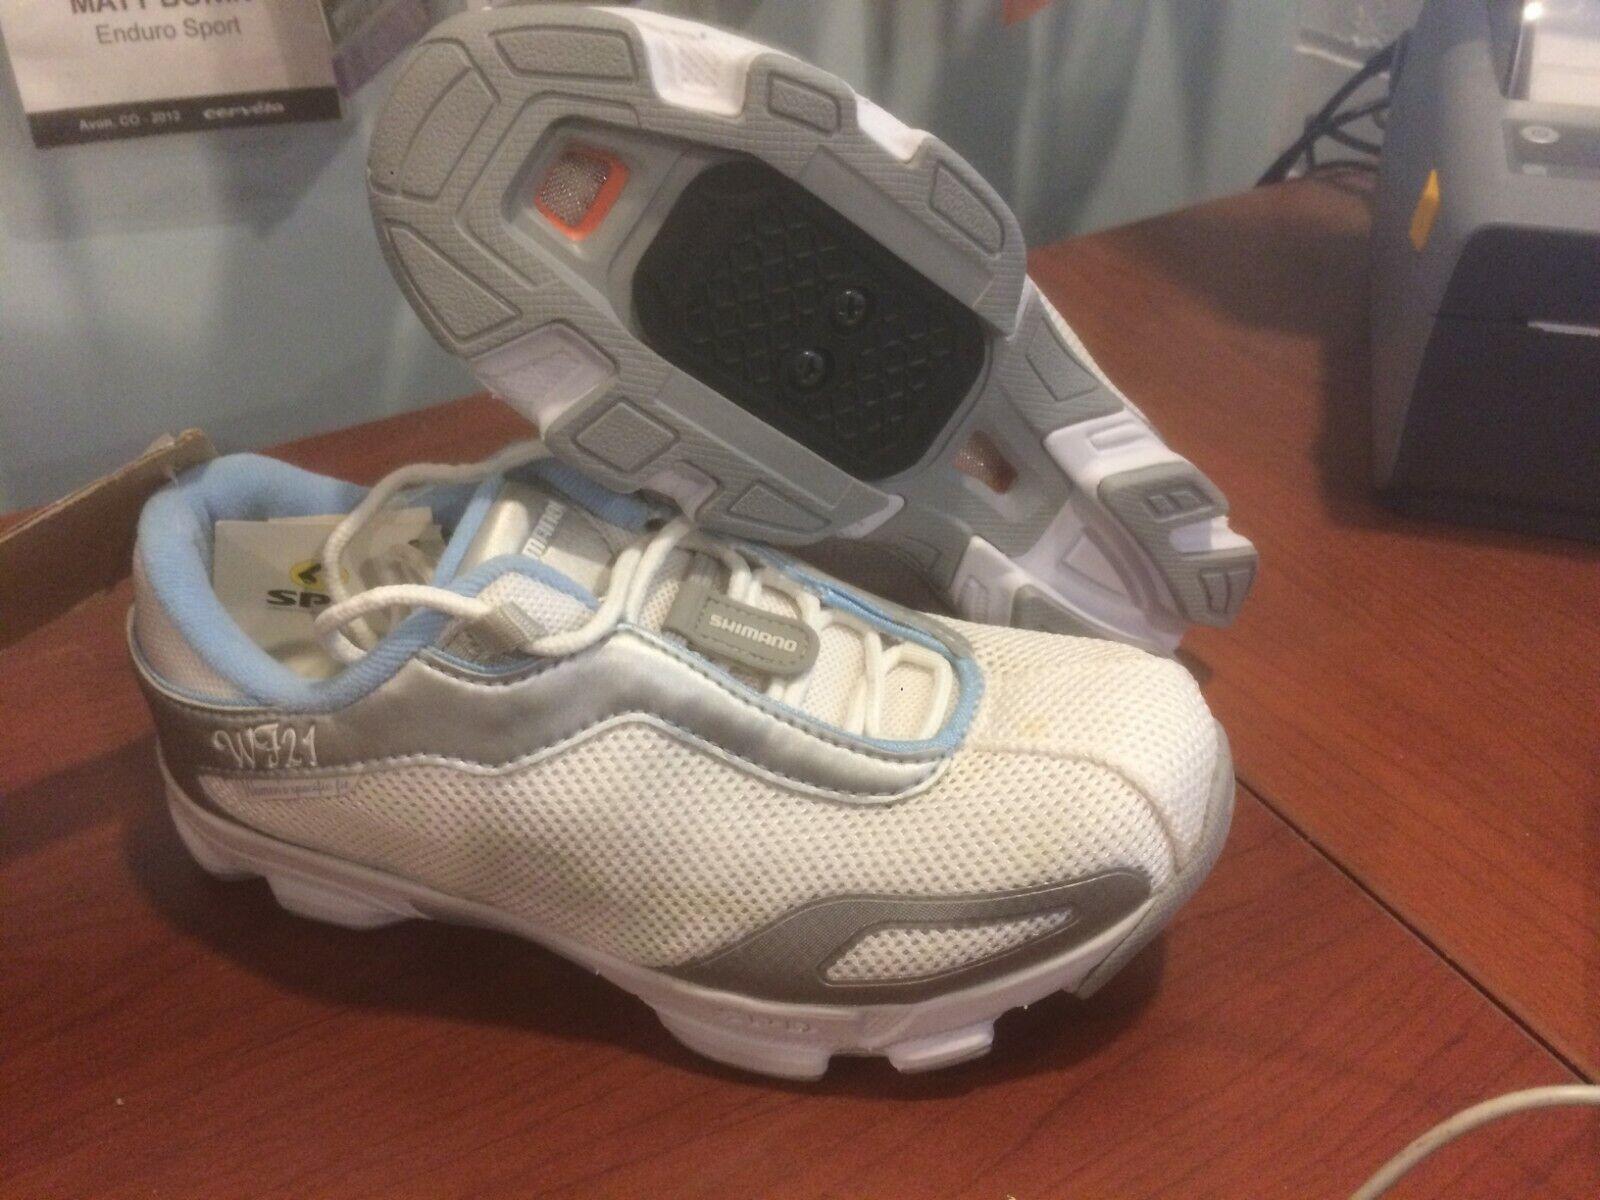 Shimano WF21 Spin or Mountain Bike Cycling Shoes, NEW, Women